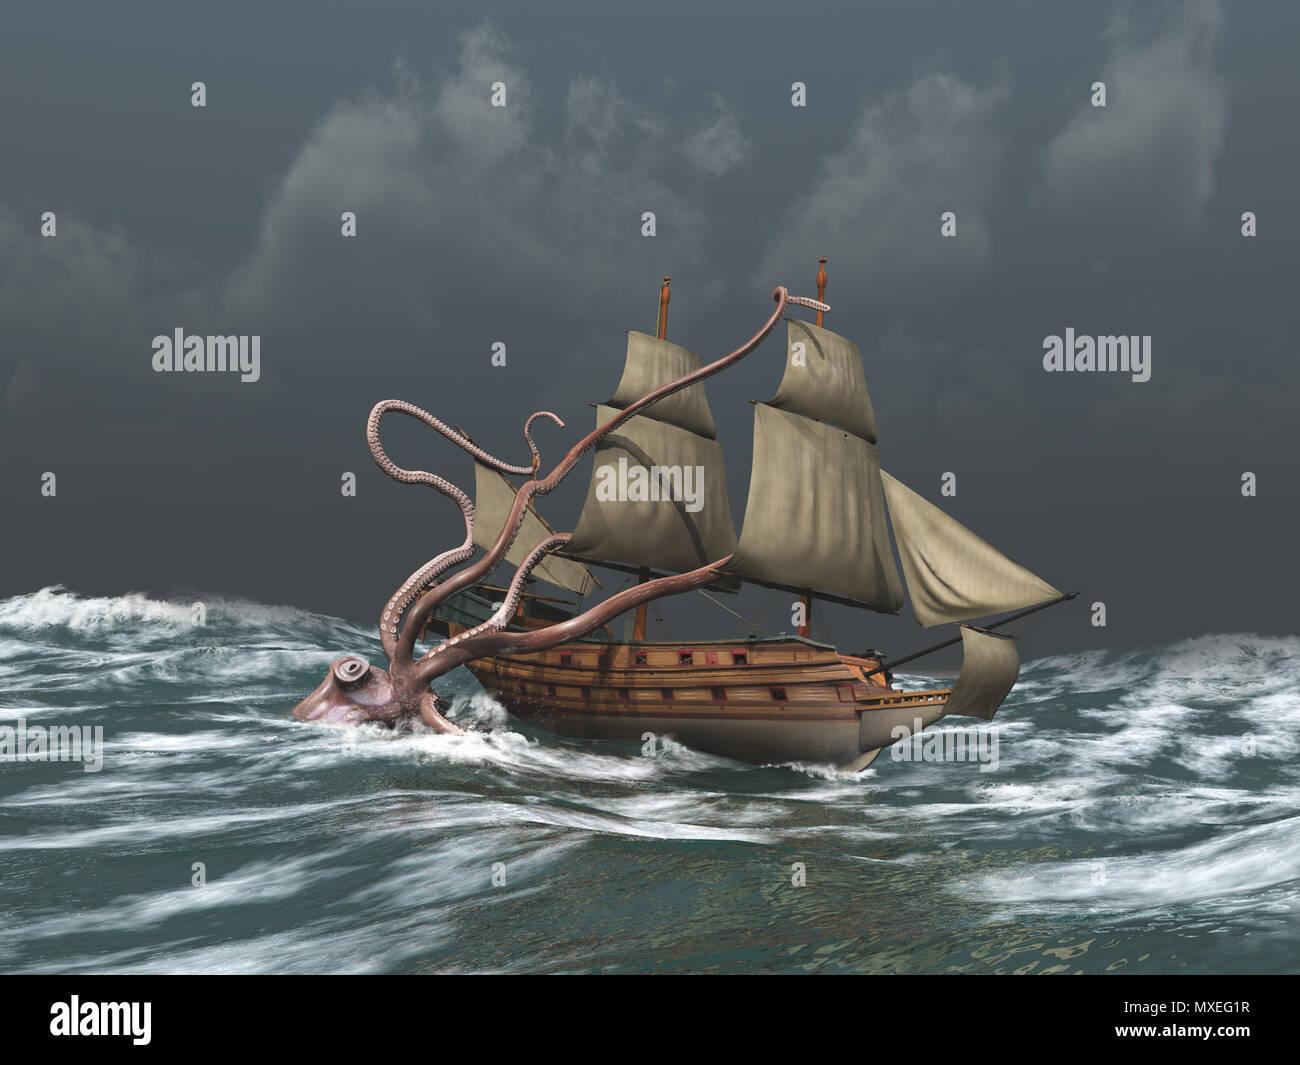 Kraken attacking an ancient ship - Stock Image